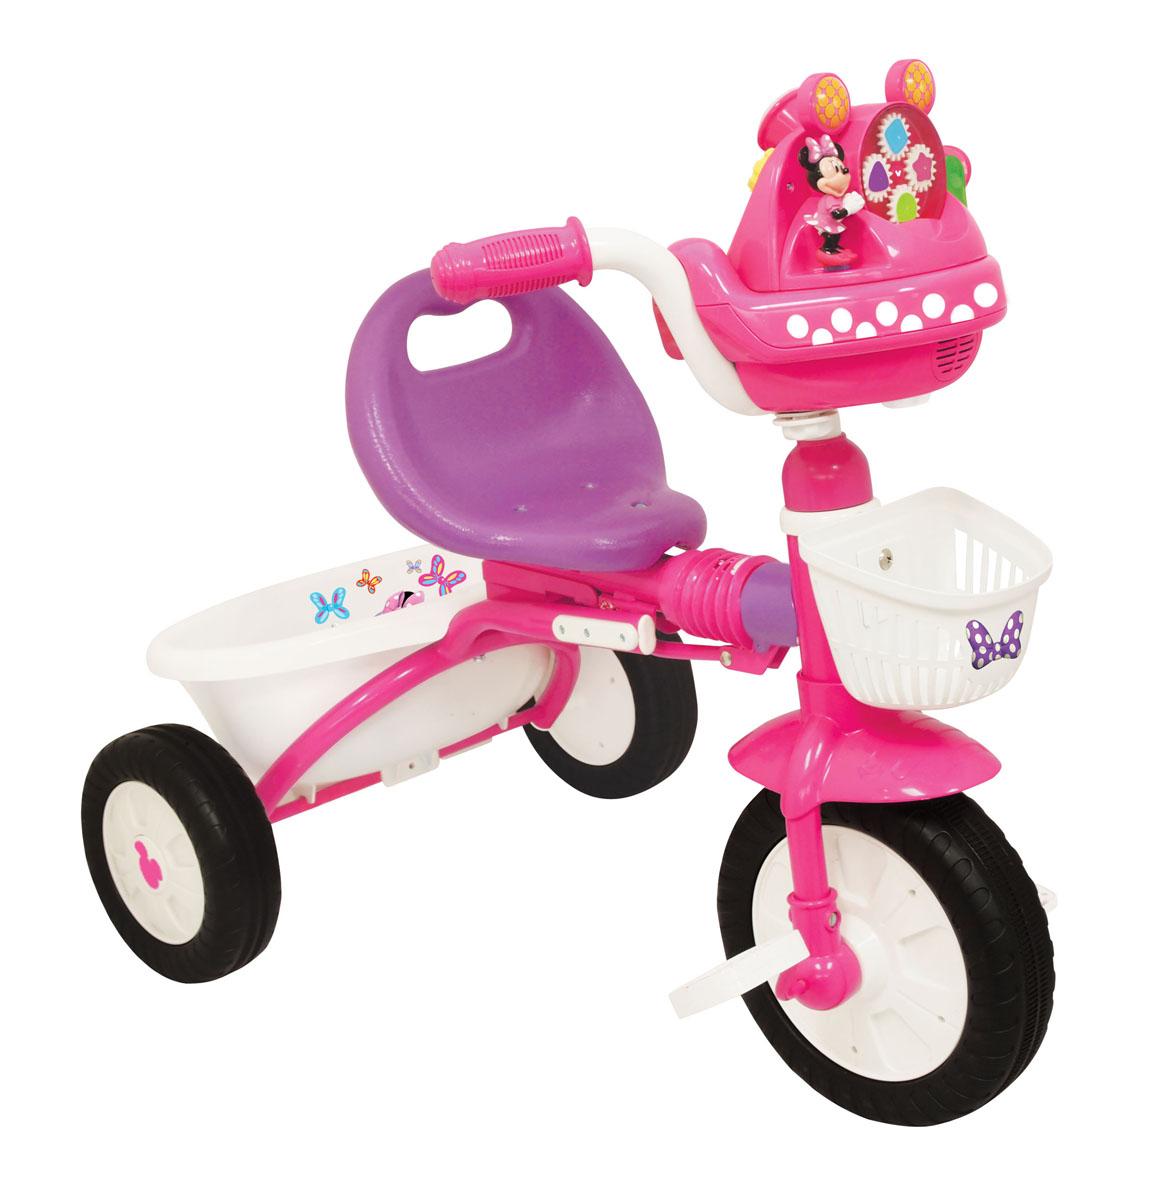 Kiddieland Велосипед трехколесный Минни Маус складной цвет розовыйKID 047423Велосипед 3-колесный Минни Маус складной. Такой велосипед создан специально для девочек. Он обязательно понравится Ввашему ребенку. Подойдет для детей от 1 года.Характеристики:• Велосипед выполнен из высококачественных материалов.• Рама выполнена из металла.• Все остальные детали выполнены из пластика.• Три устойчивых колеса.• Две удобные корзинки для игрушек и мелочей.• Велосипед легко складывается и раскладывается.• Удобное сидение со спинкой.• Надежная конструкция прослужит долгие годы.